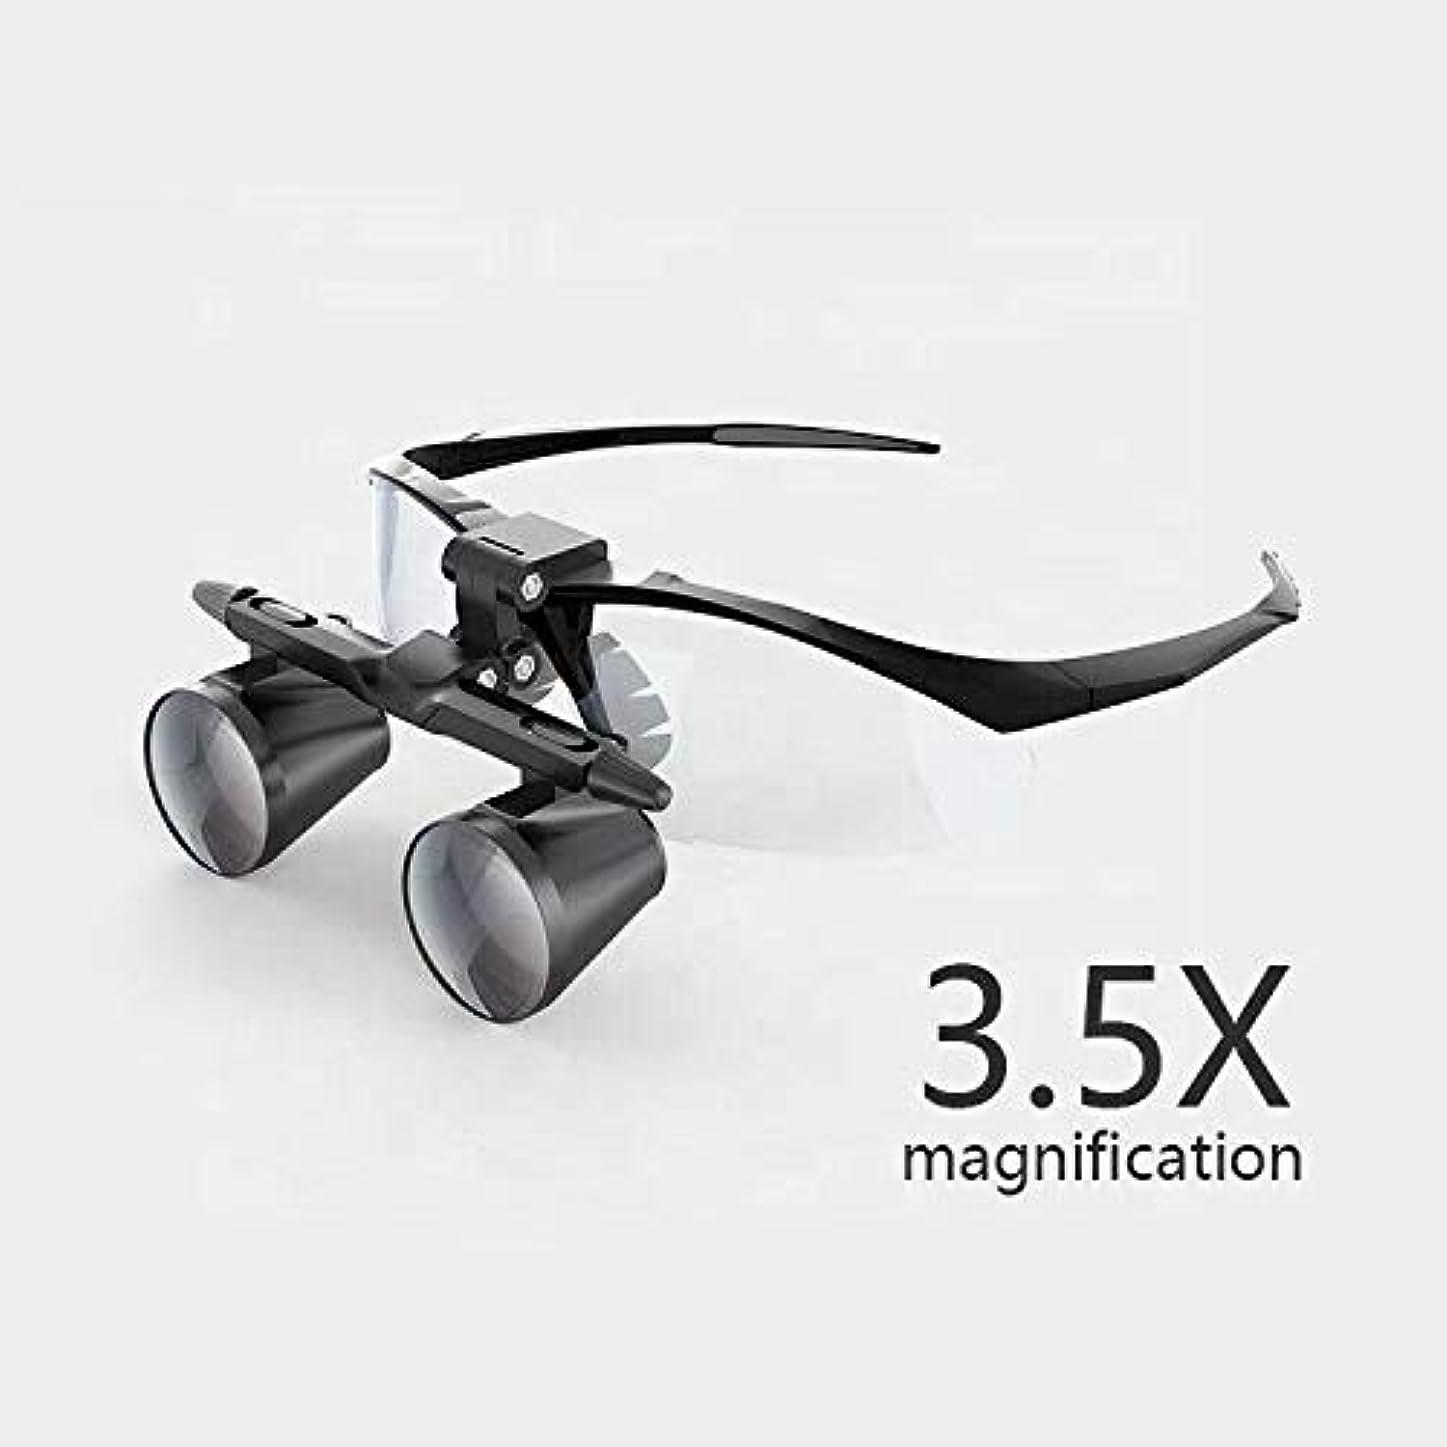 燃やす修正する潜在的な3.5倍拡大双眼歯科ルーペ外科手術拡大鏡付きヘッドライトledライト医療手術ルーペランプ